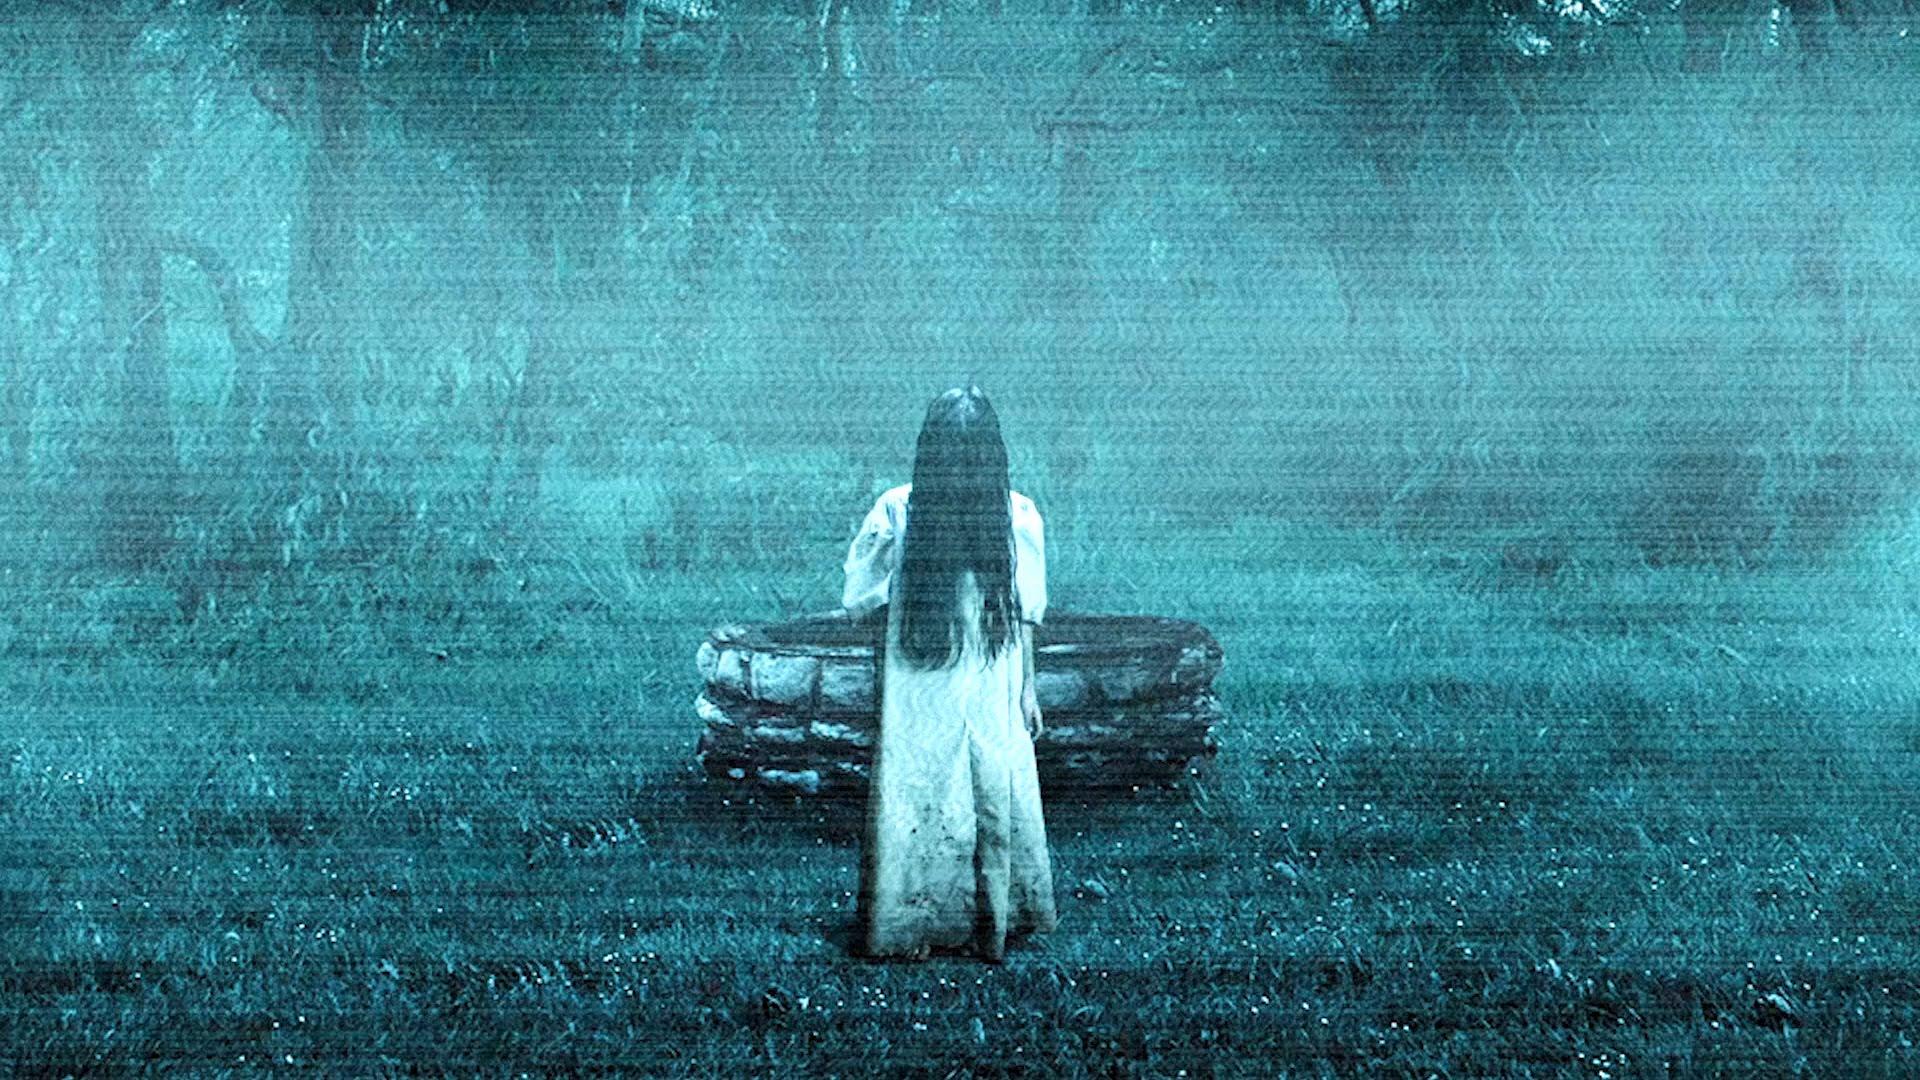 en iyi korku filmleri halka